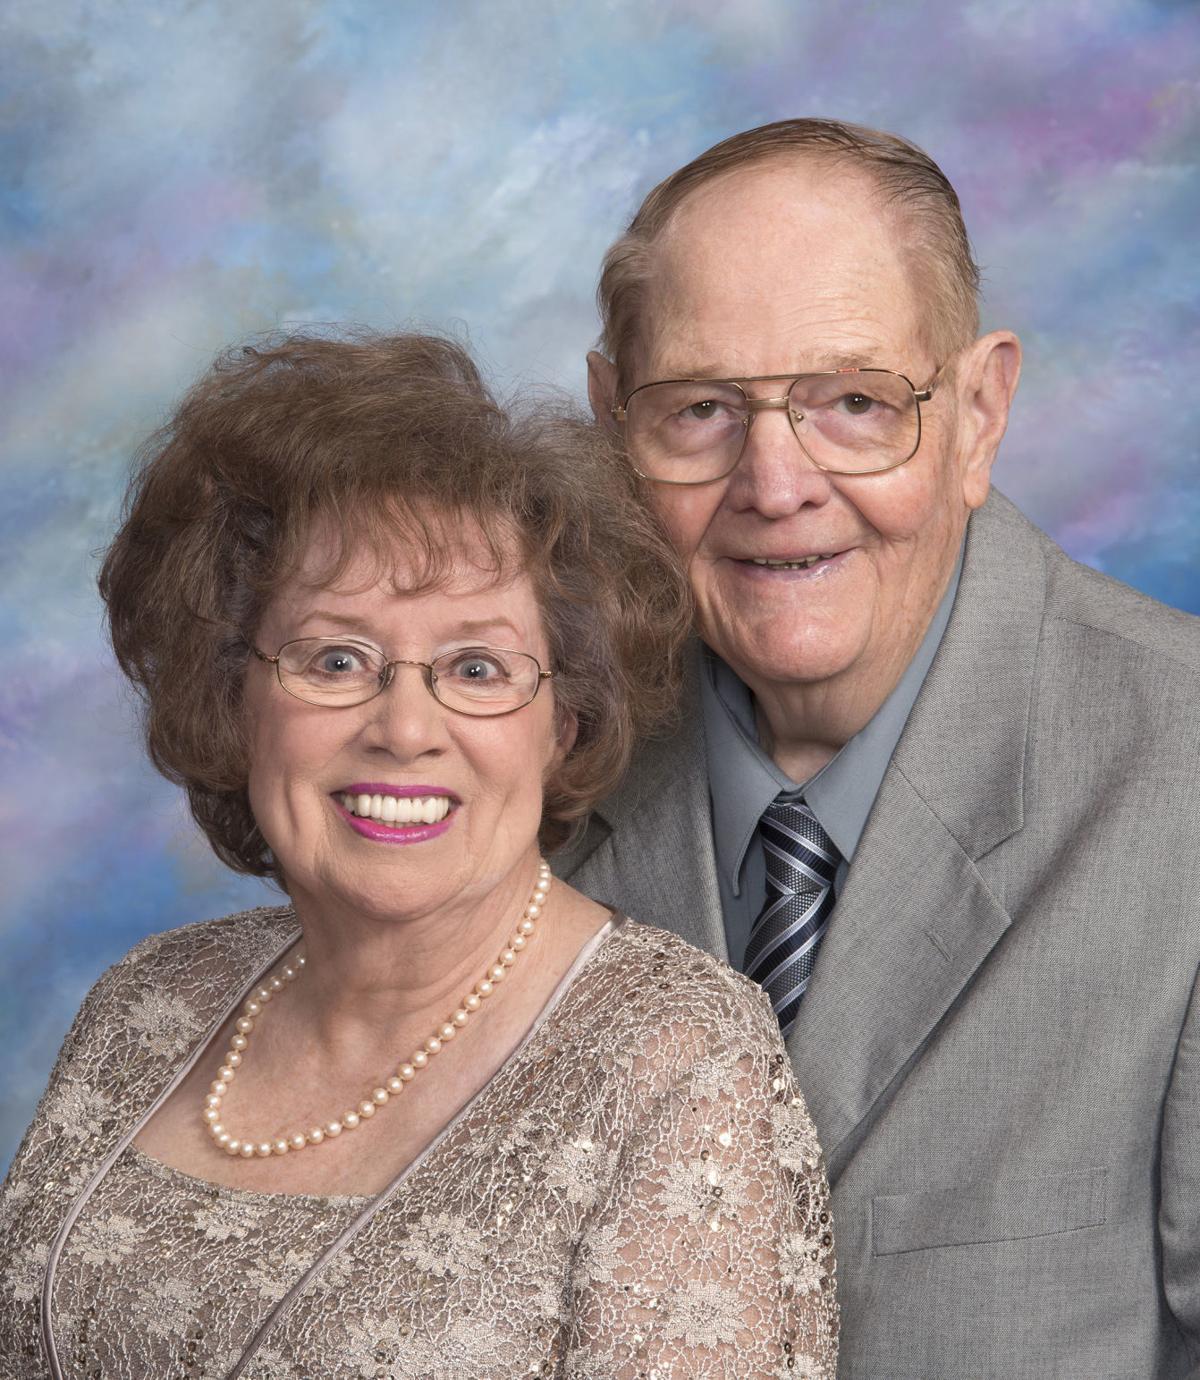 Karen Lantz and Larry Van Boening